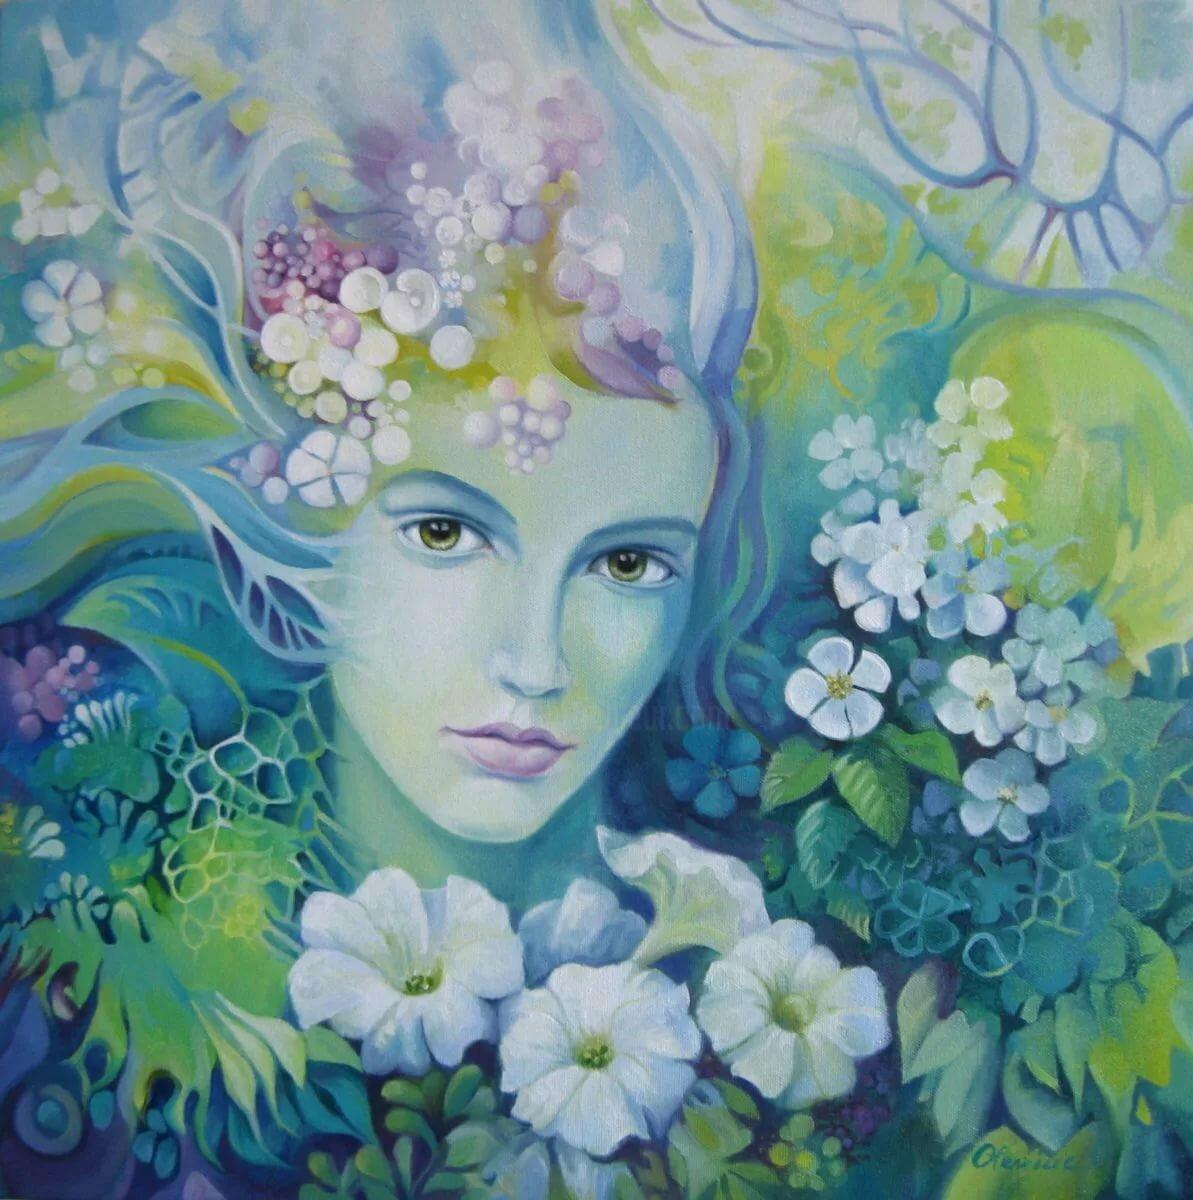 объективна картинки весна портрет позвонила женщина точно